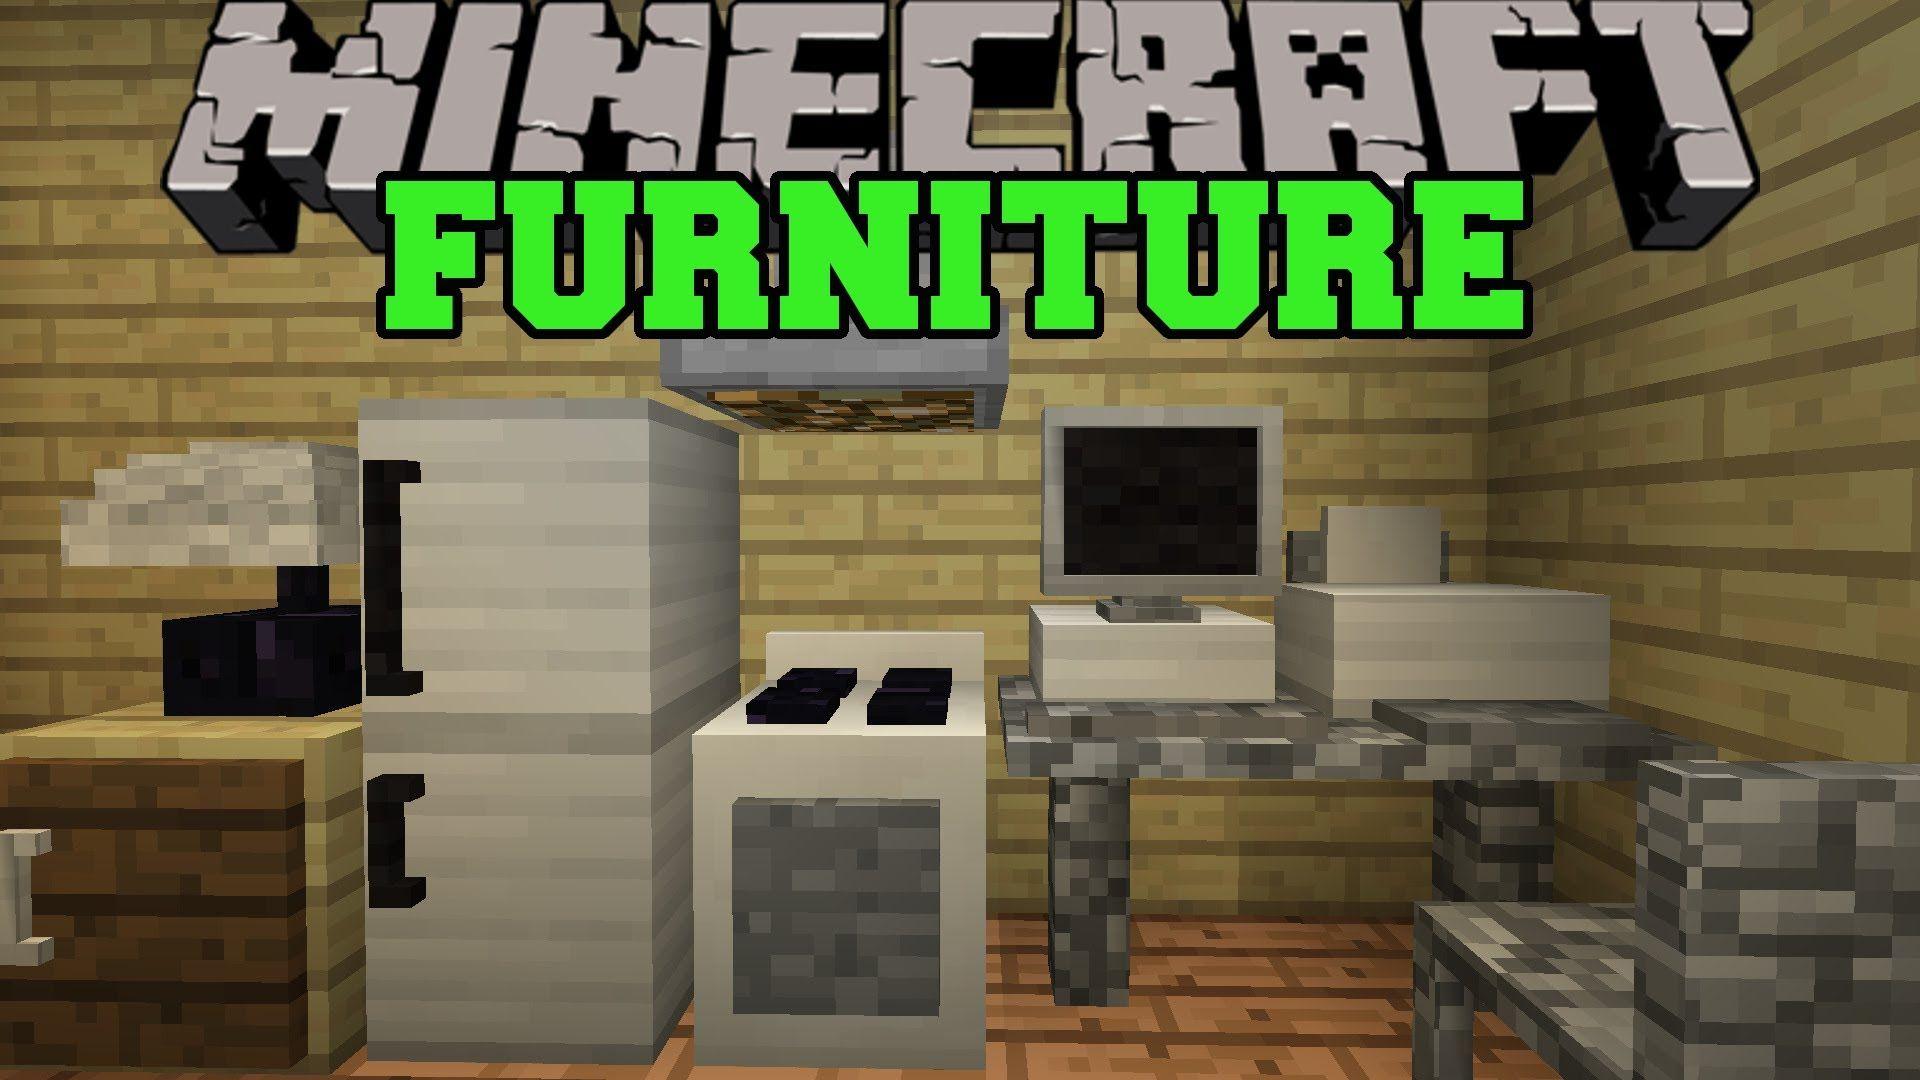 62c3f973de710dfc78e2166fe7b600da - How To Get Mr Crayfish S Furniture Mod Minecraft Pe